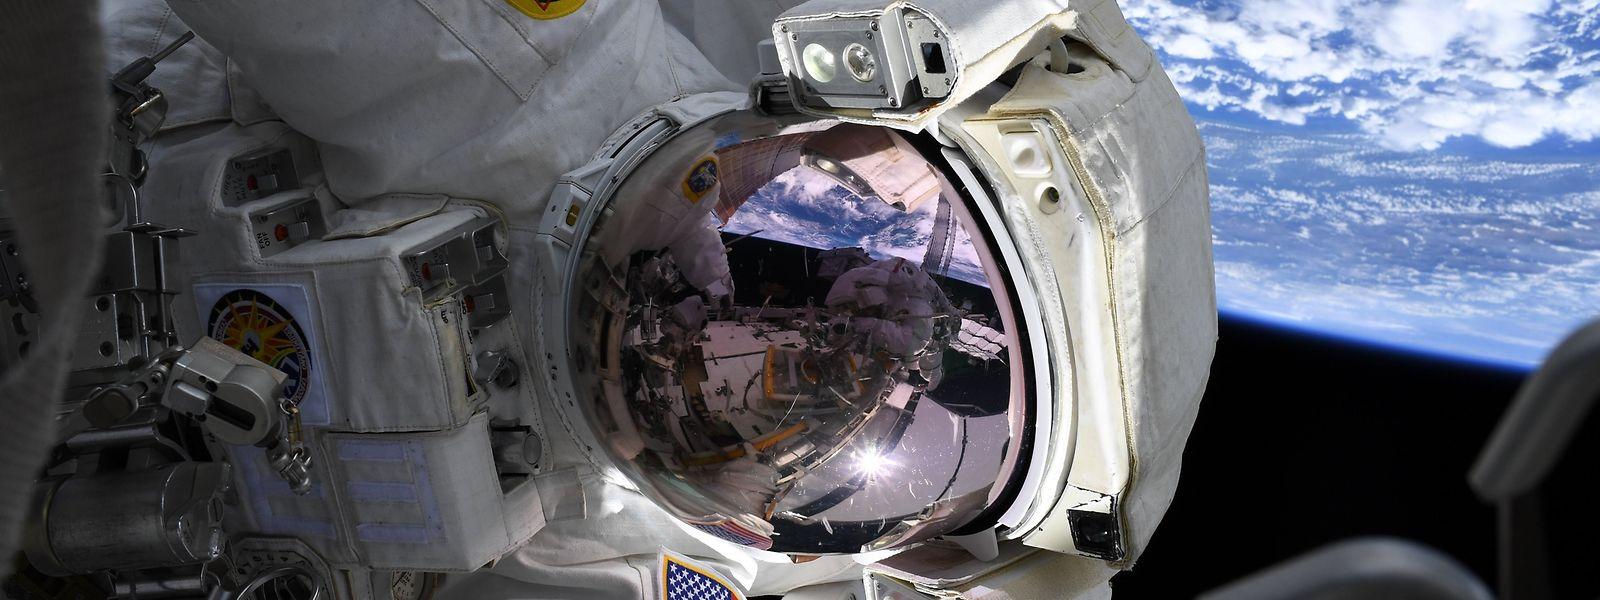 Am 9. April soll der nächste Flug zur internationalen Raumstation starten.